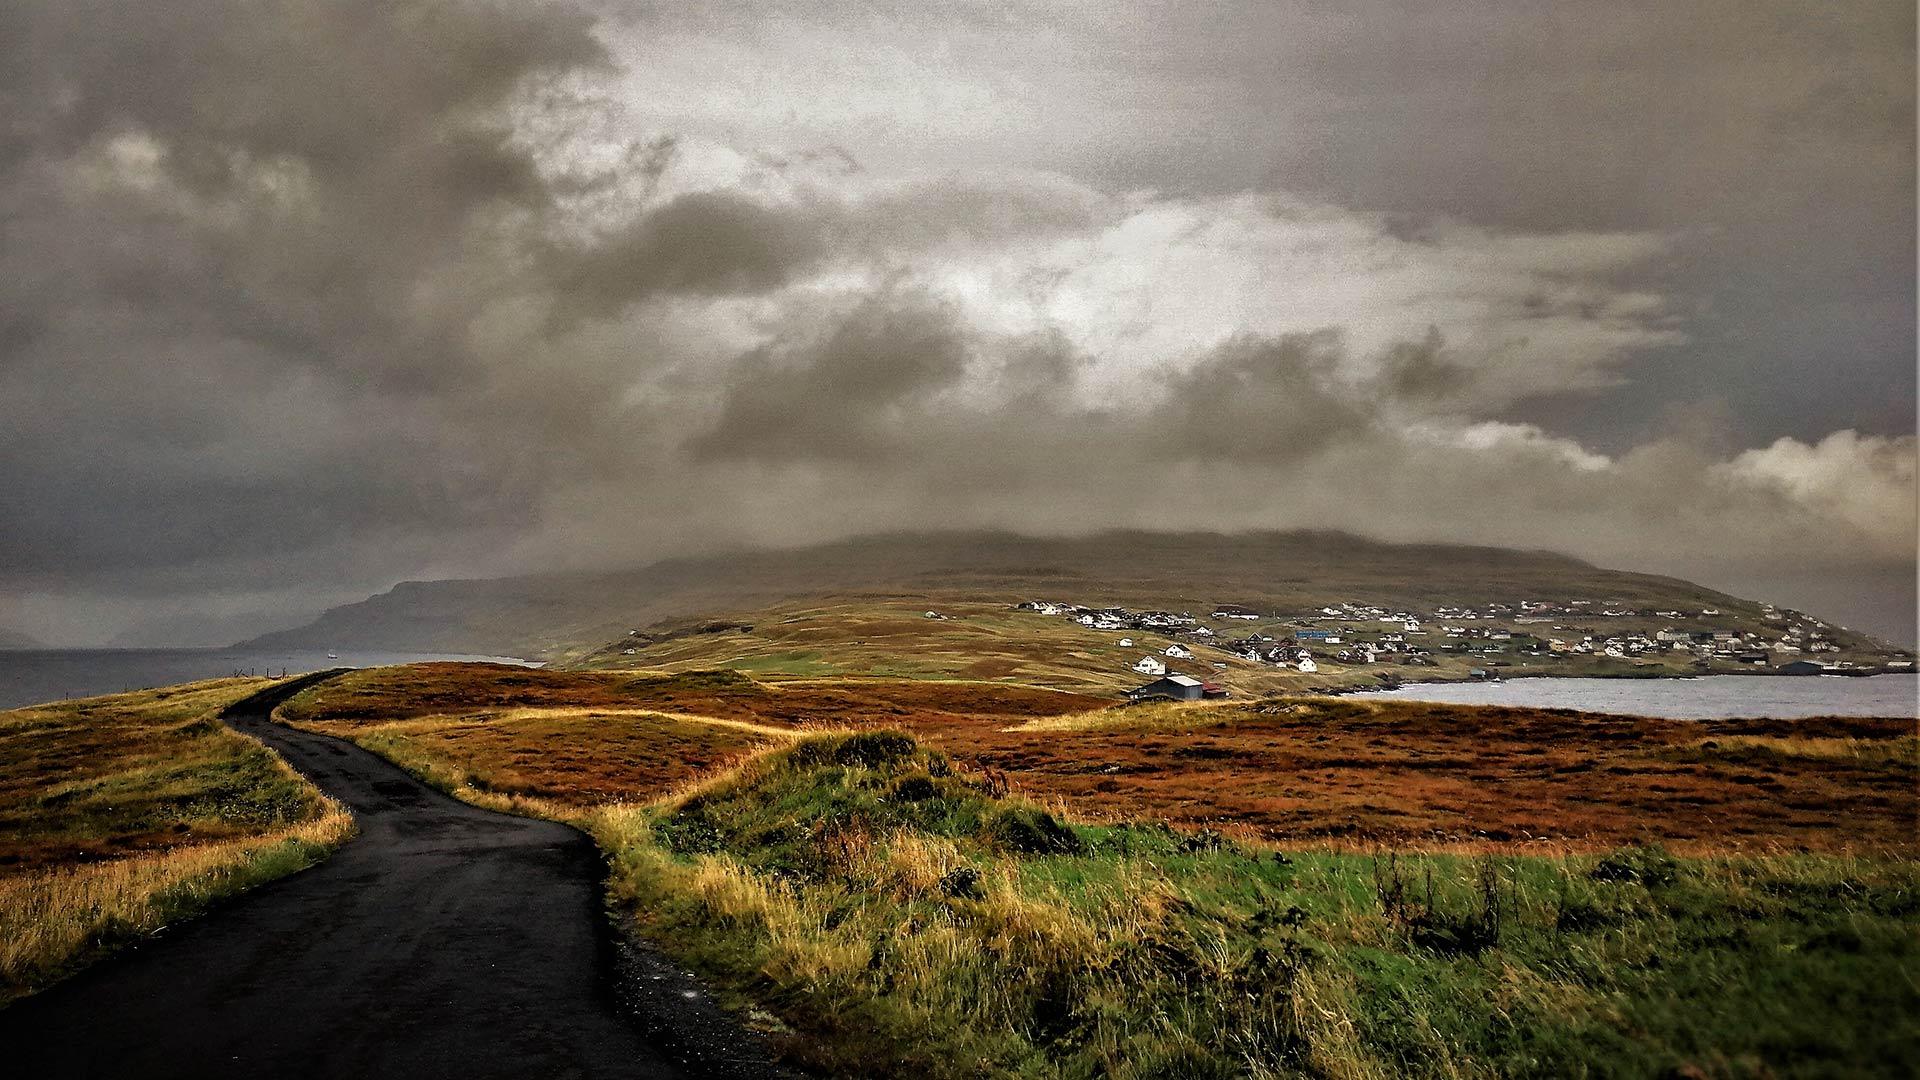 Min morfar, Færøerne og folkesjælen 1:3